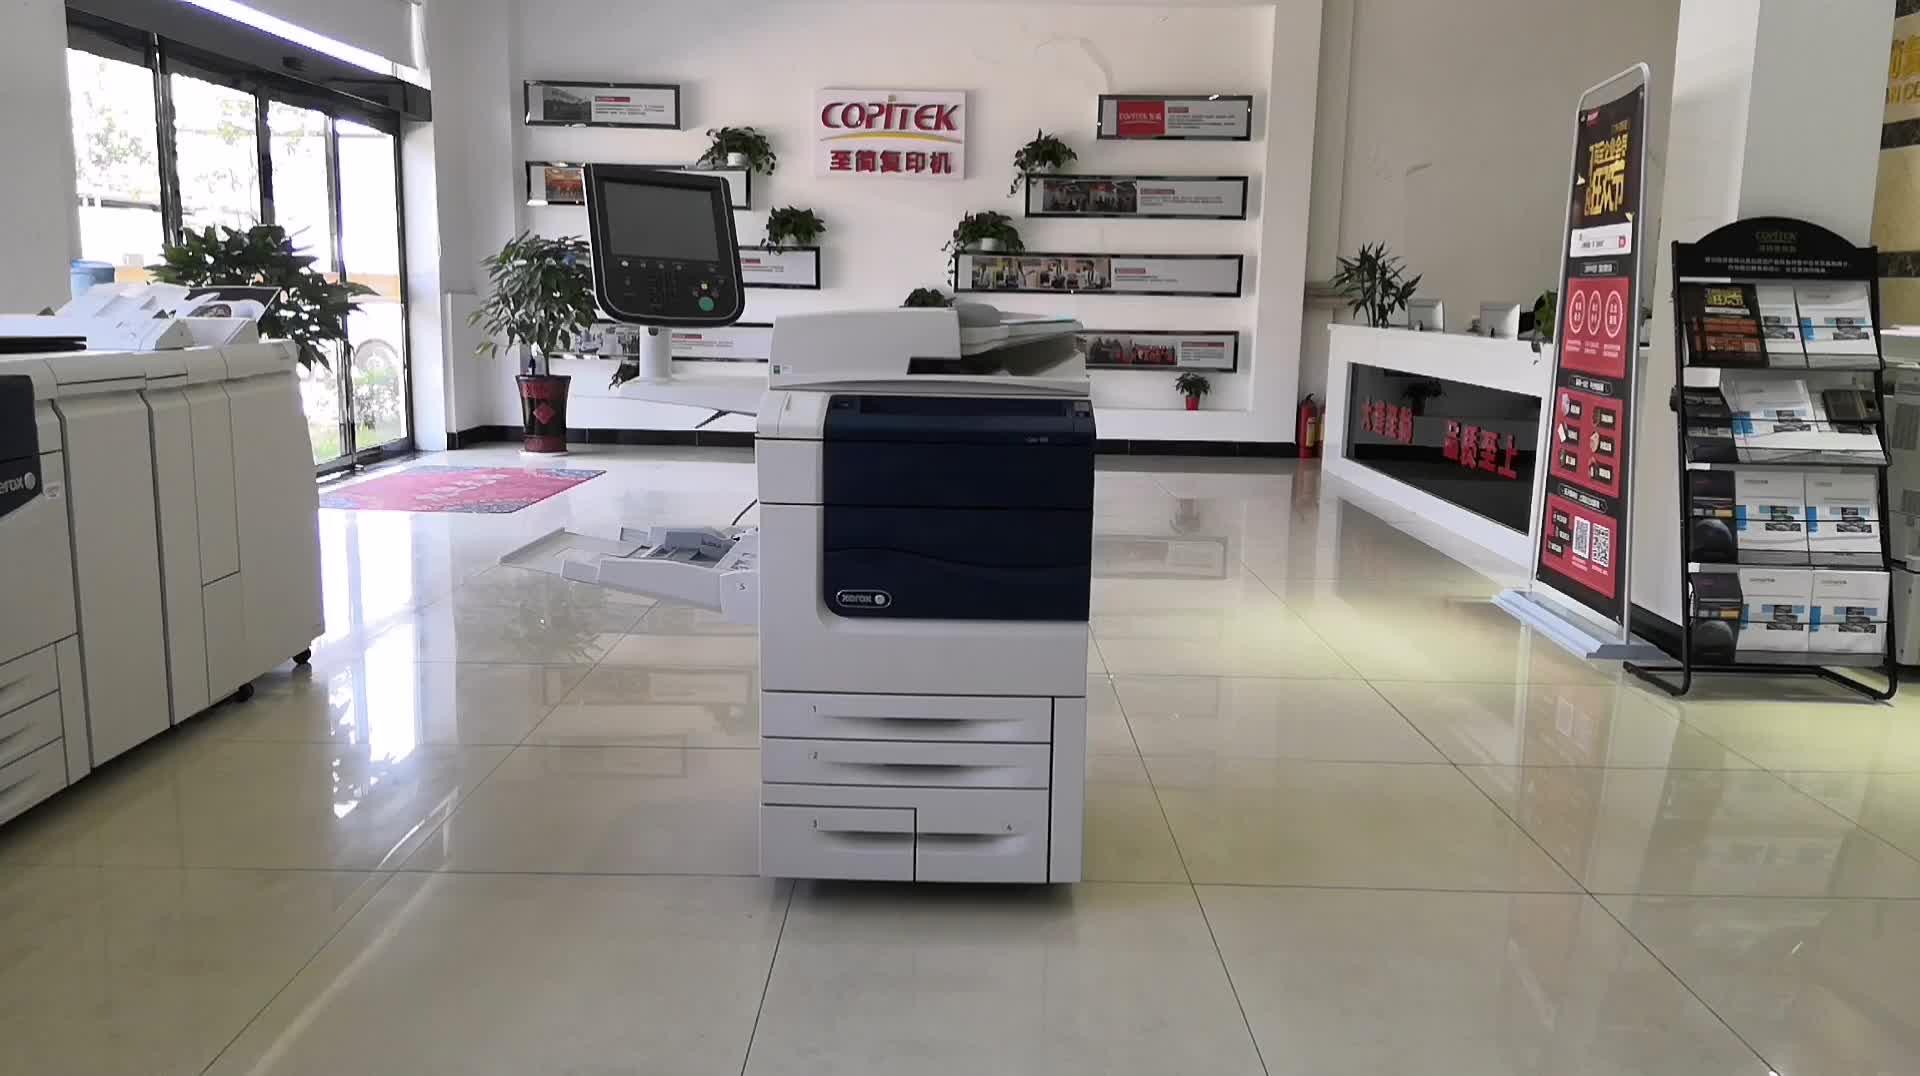 Used machine photo copier high quality A3 size copier 560 photocopy machine